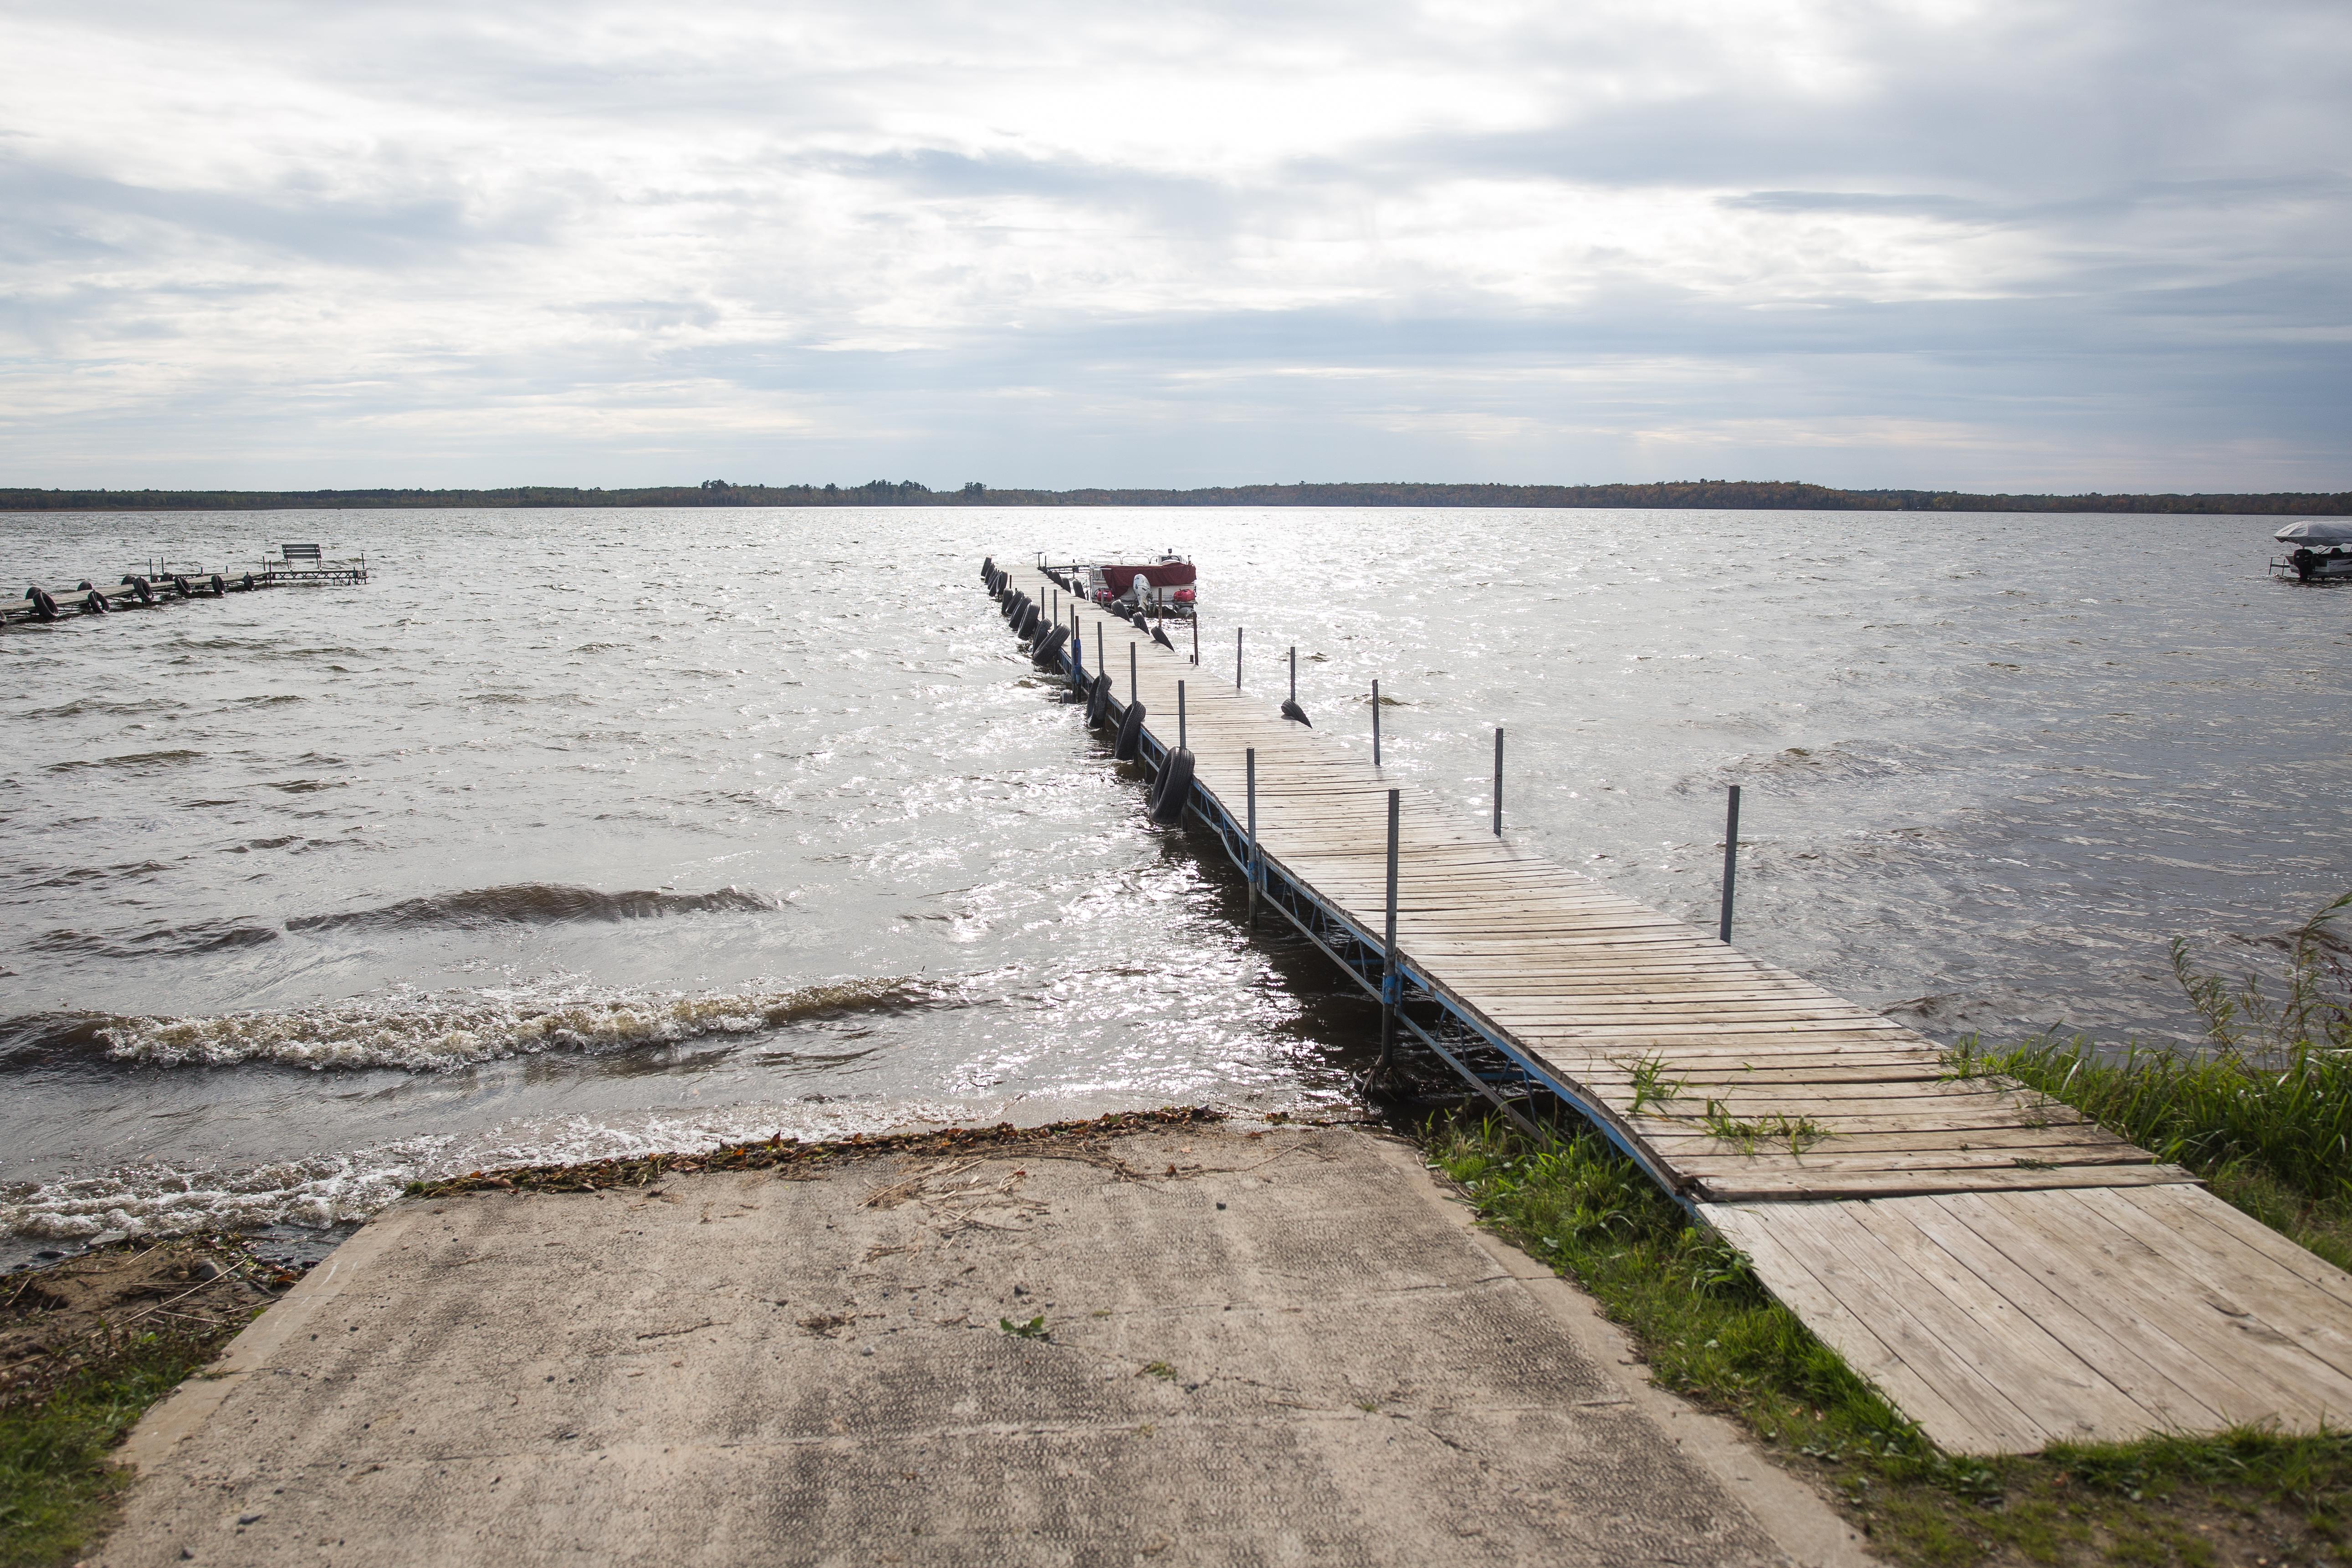 Kitchi Landing Docks